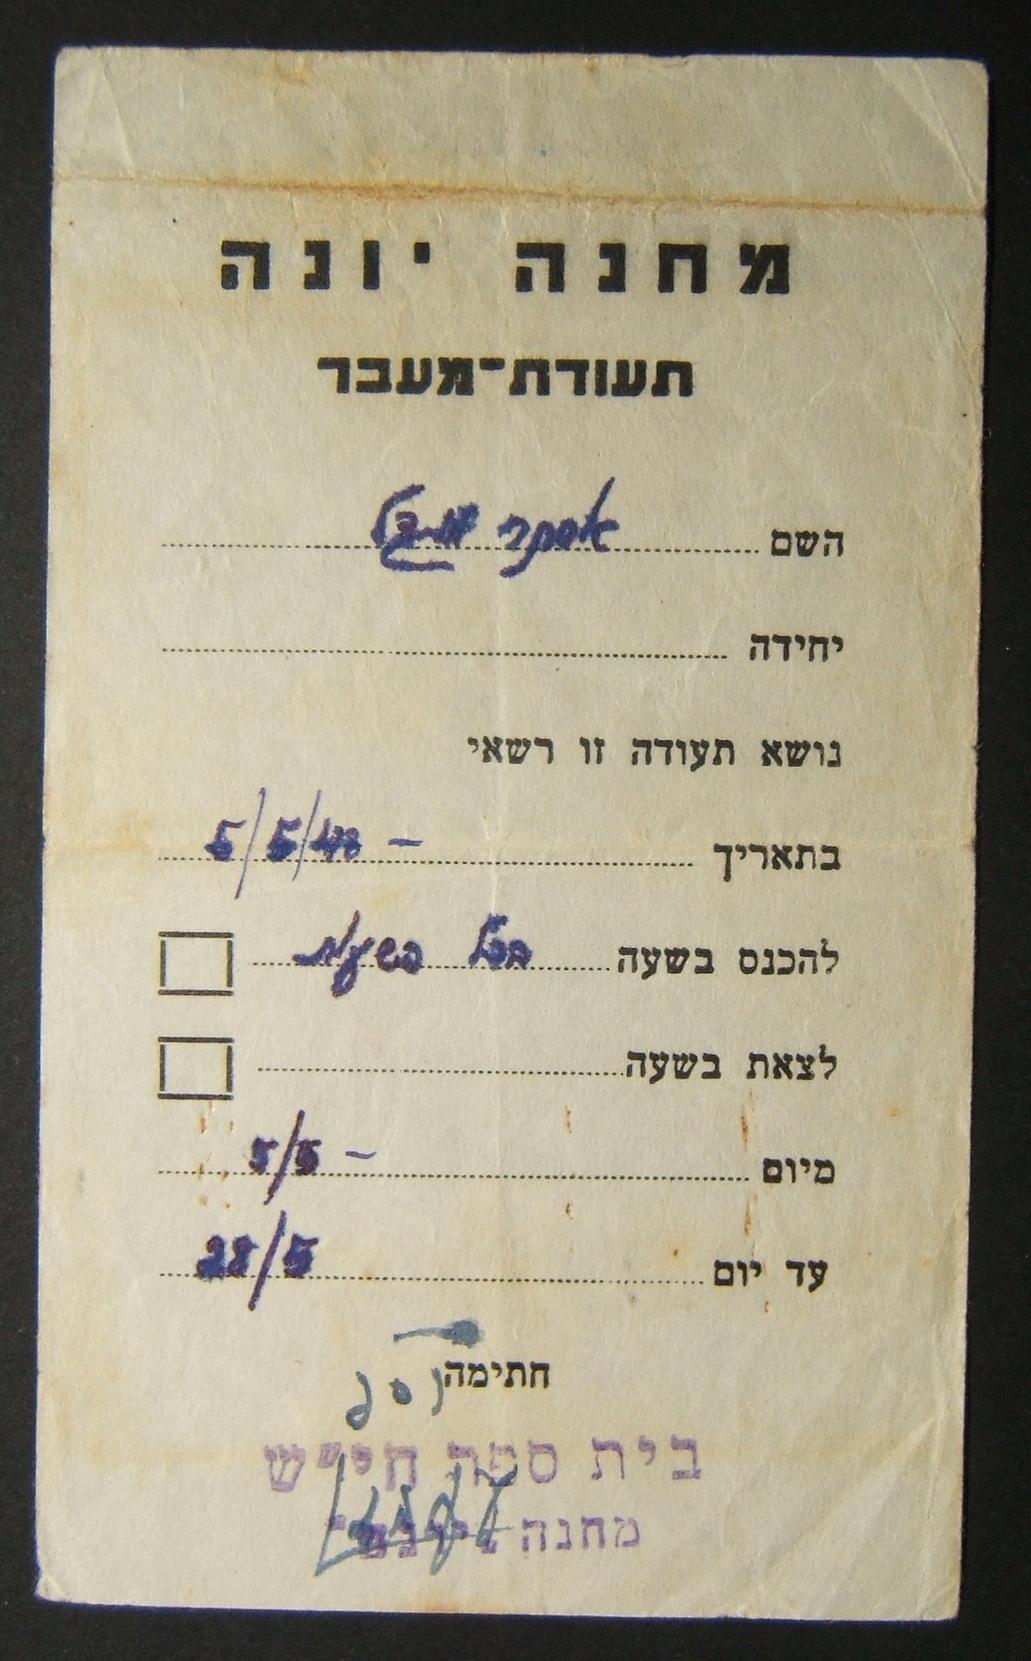 """تصريح دخول هاغانا لـ """"كامب يونا"""" ، مايو 1948: تمريرة مرور """"ماهيان يونا"""" الثابتة لدخول إستر ميجال لدخول ومغادرة القاعدة في أي وقت بين التواريخ 5-05-1948 و 28-"""